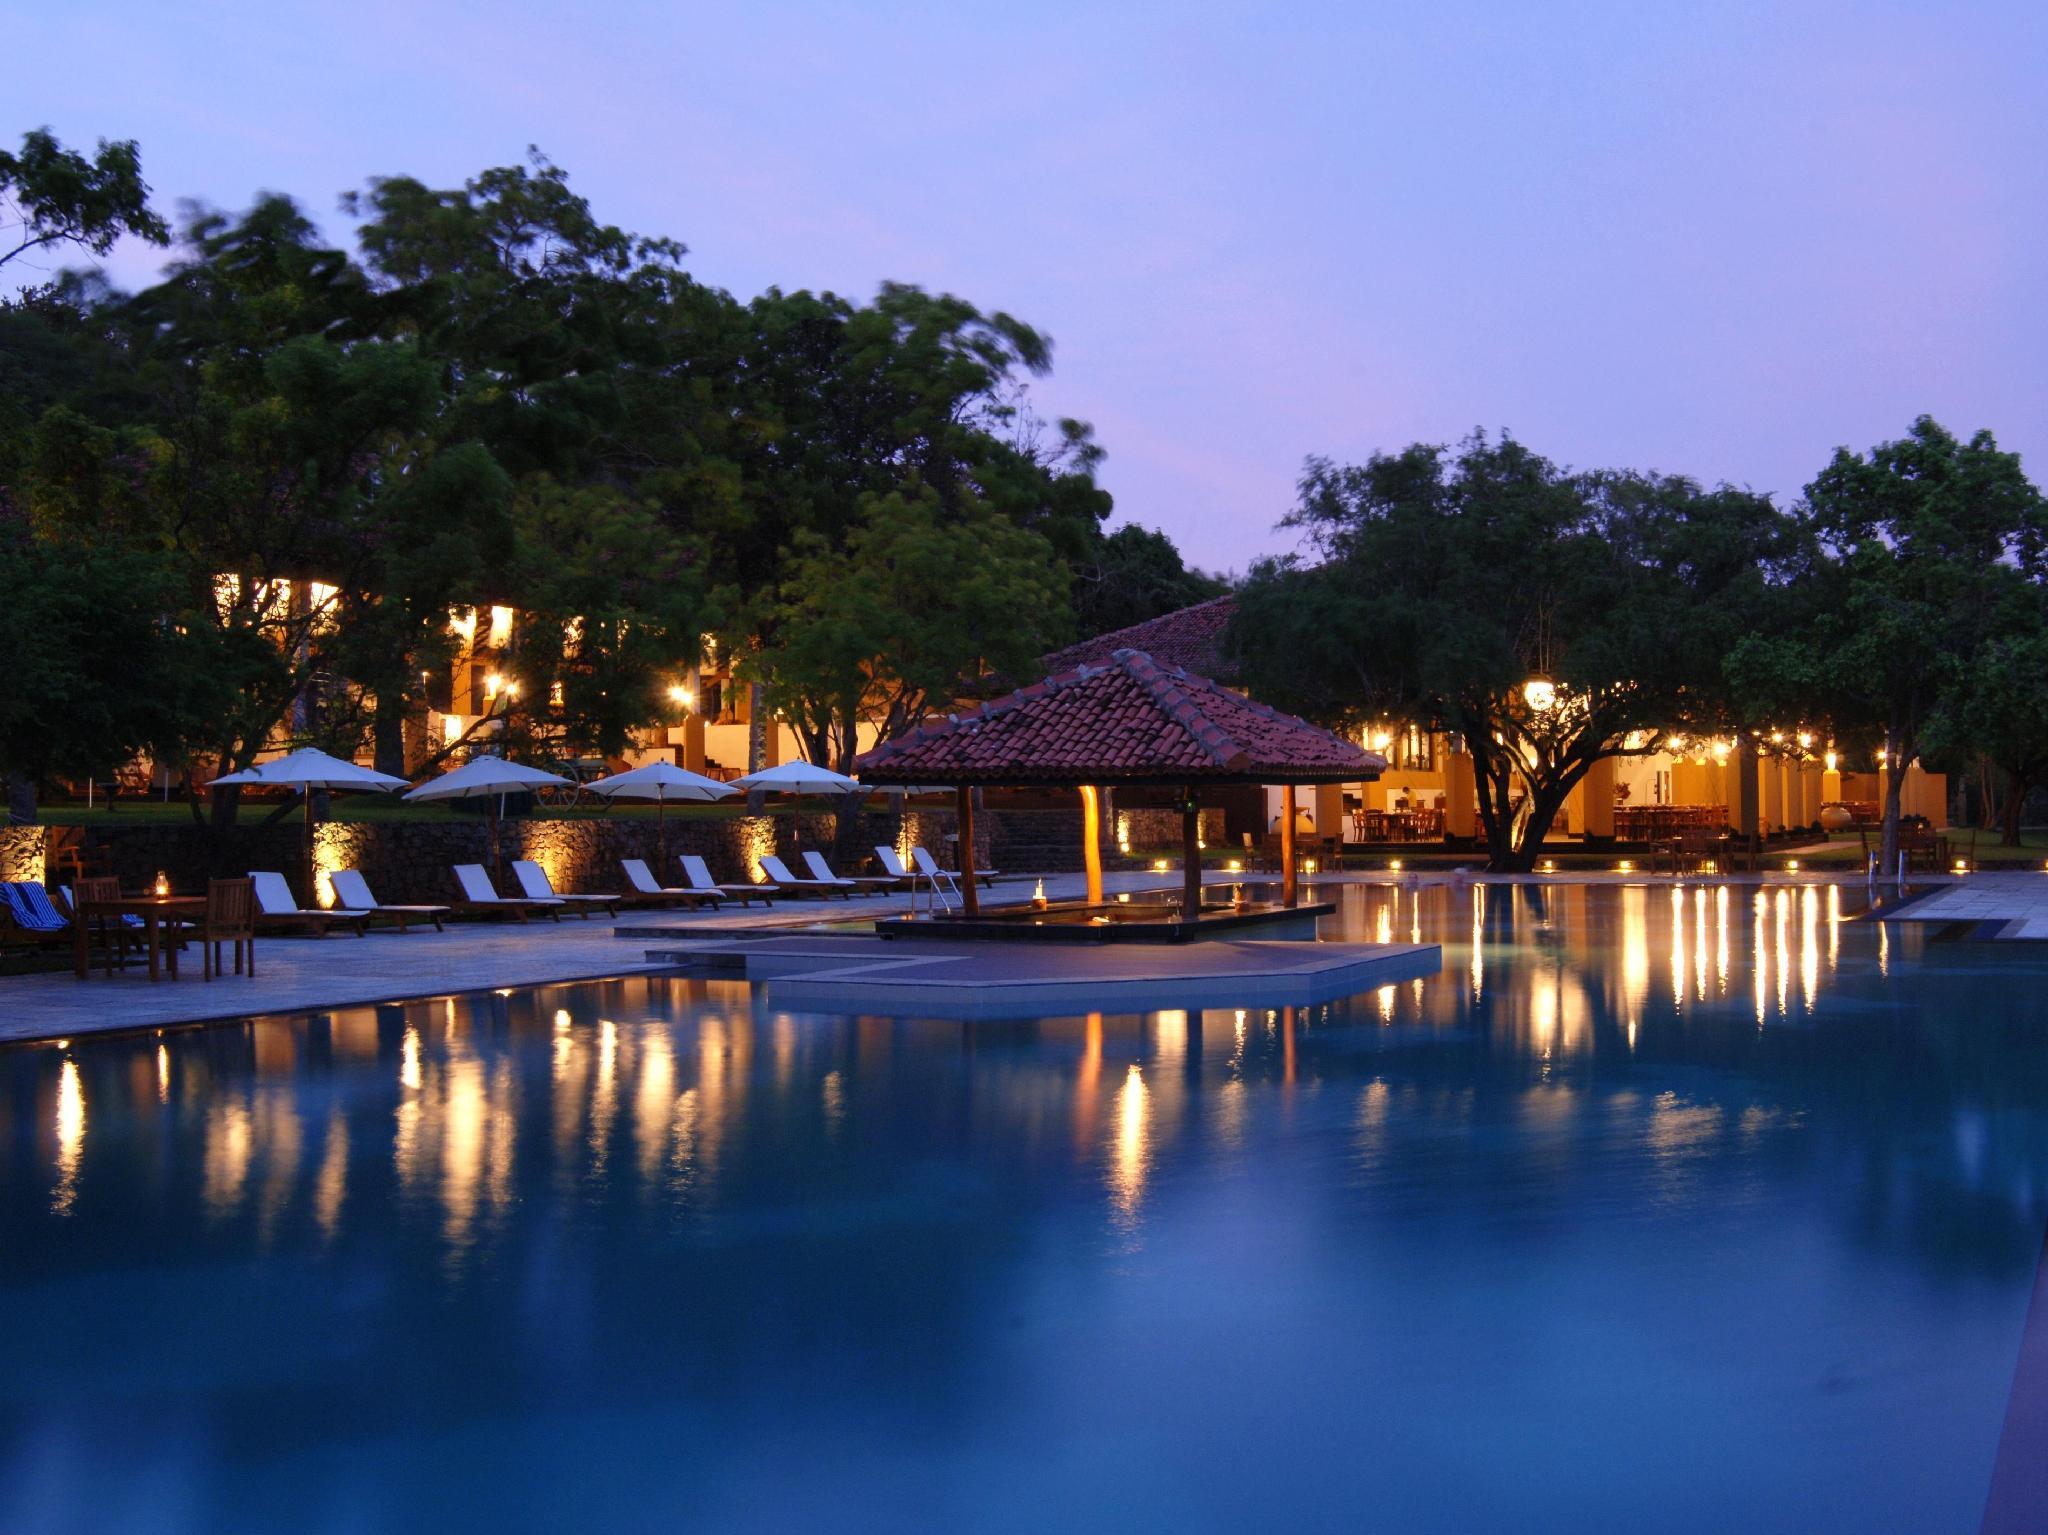 Amaya Lake Hotel Kandalama - Hotels and Accommodation in Sri Lanka, Asia